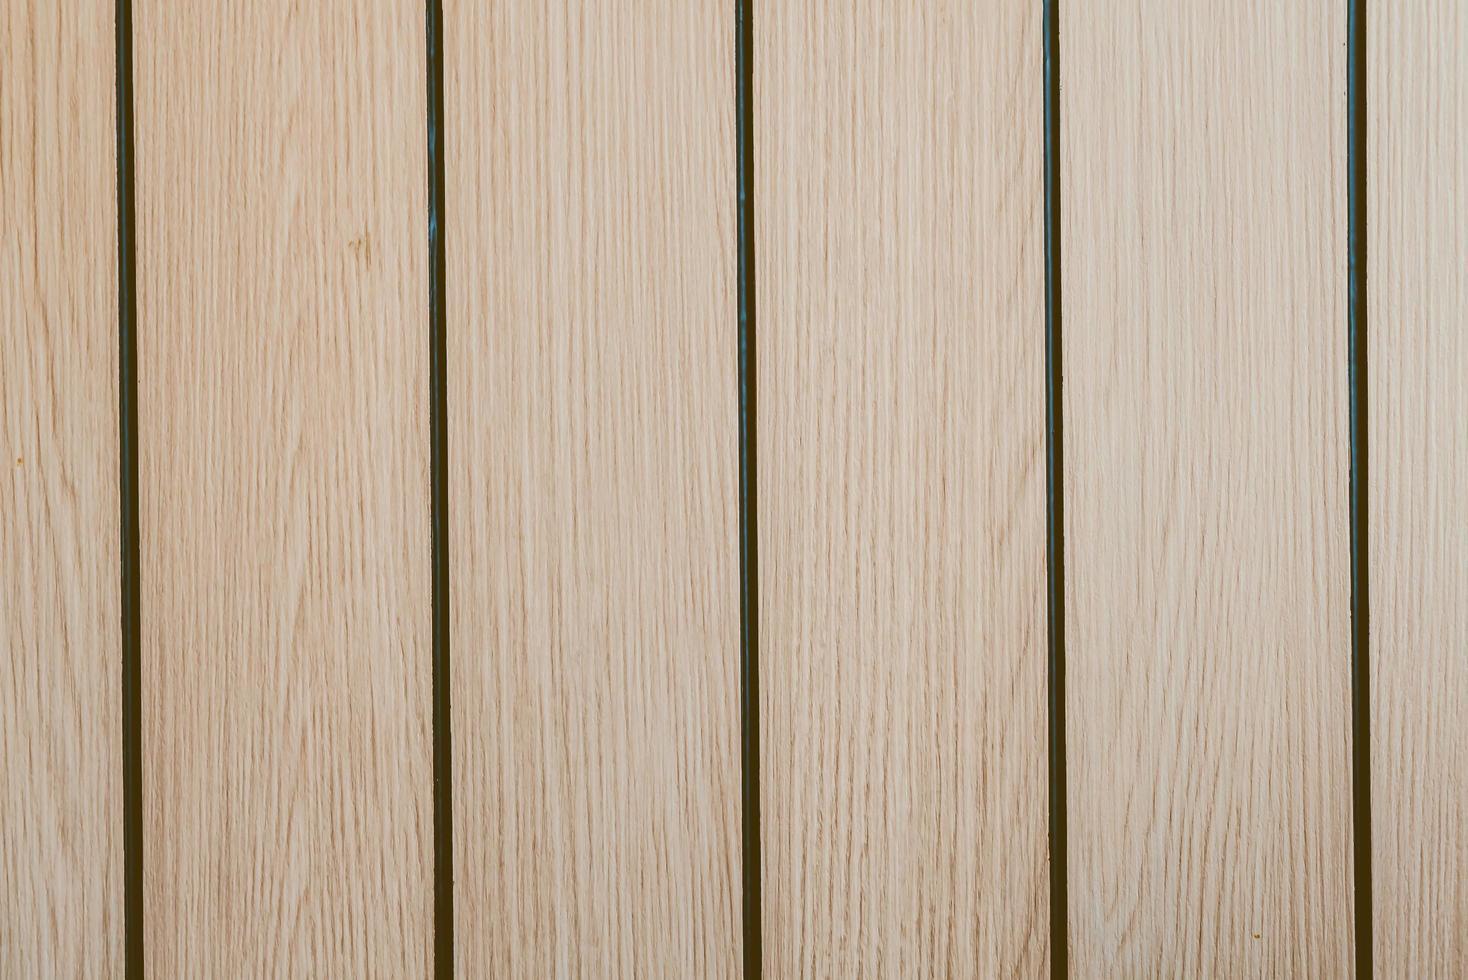 fond de textures de bois ancien photo